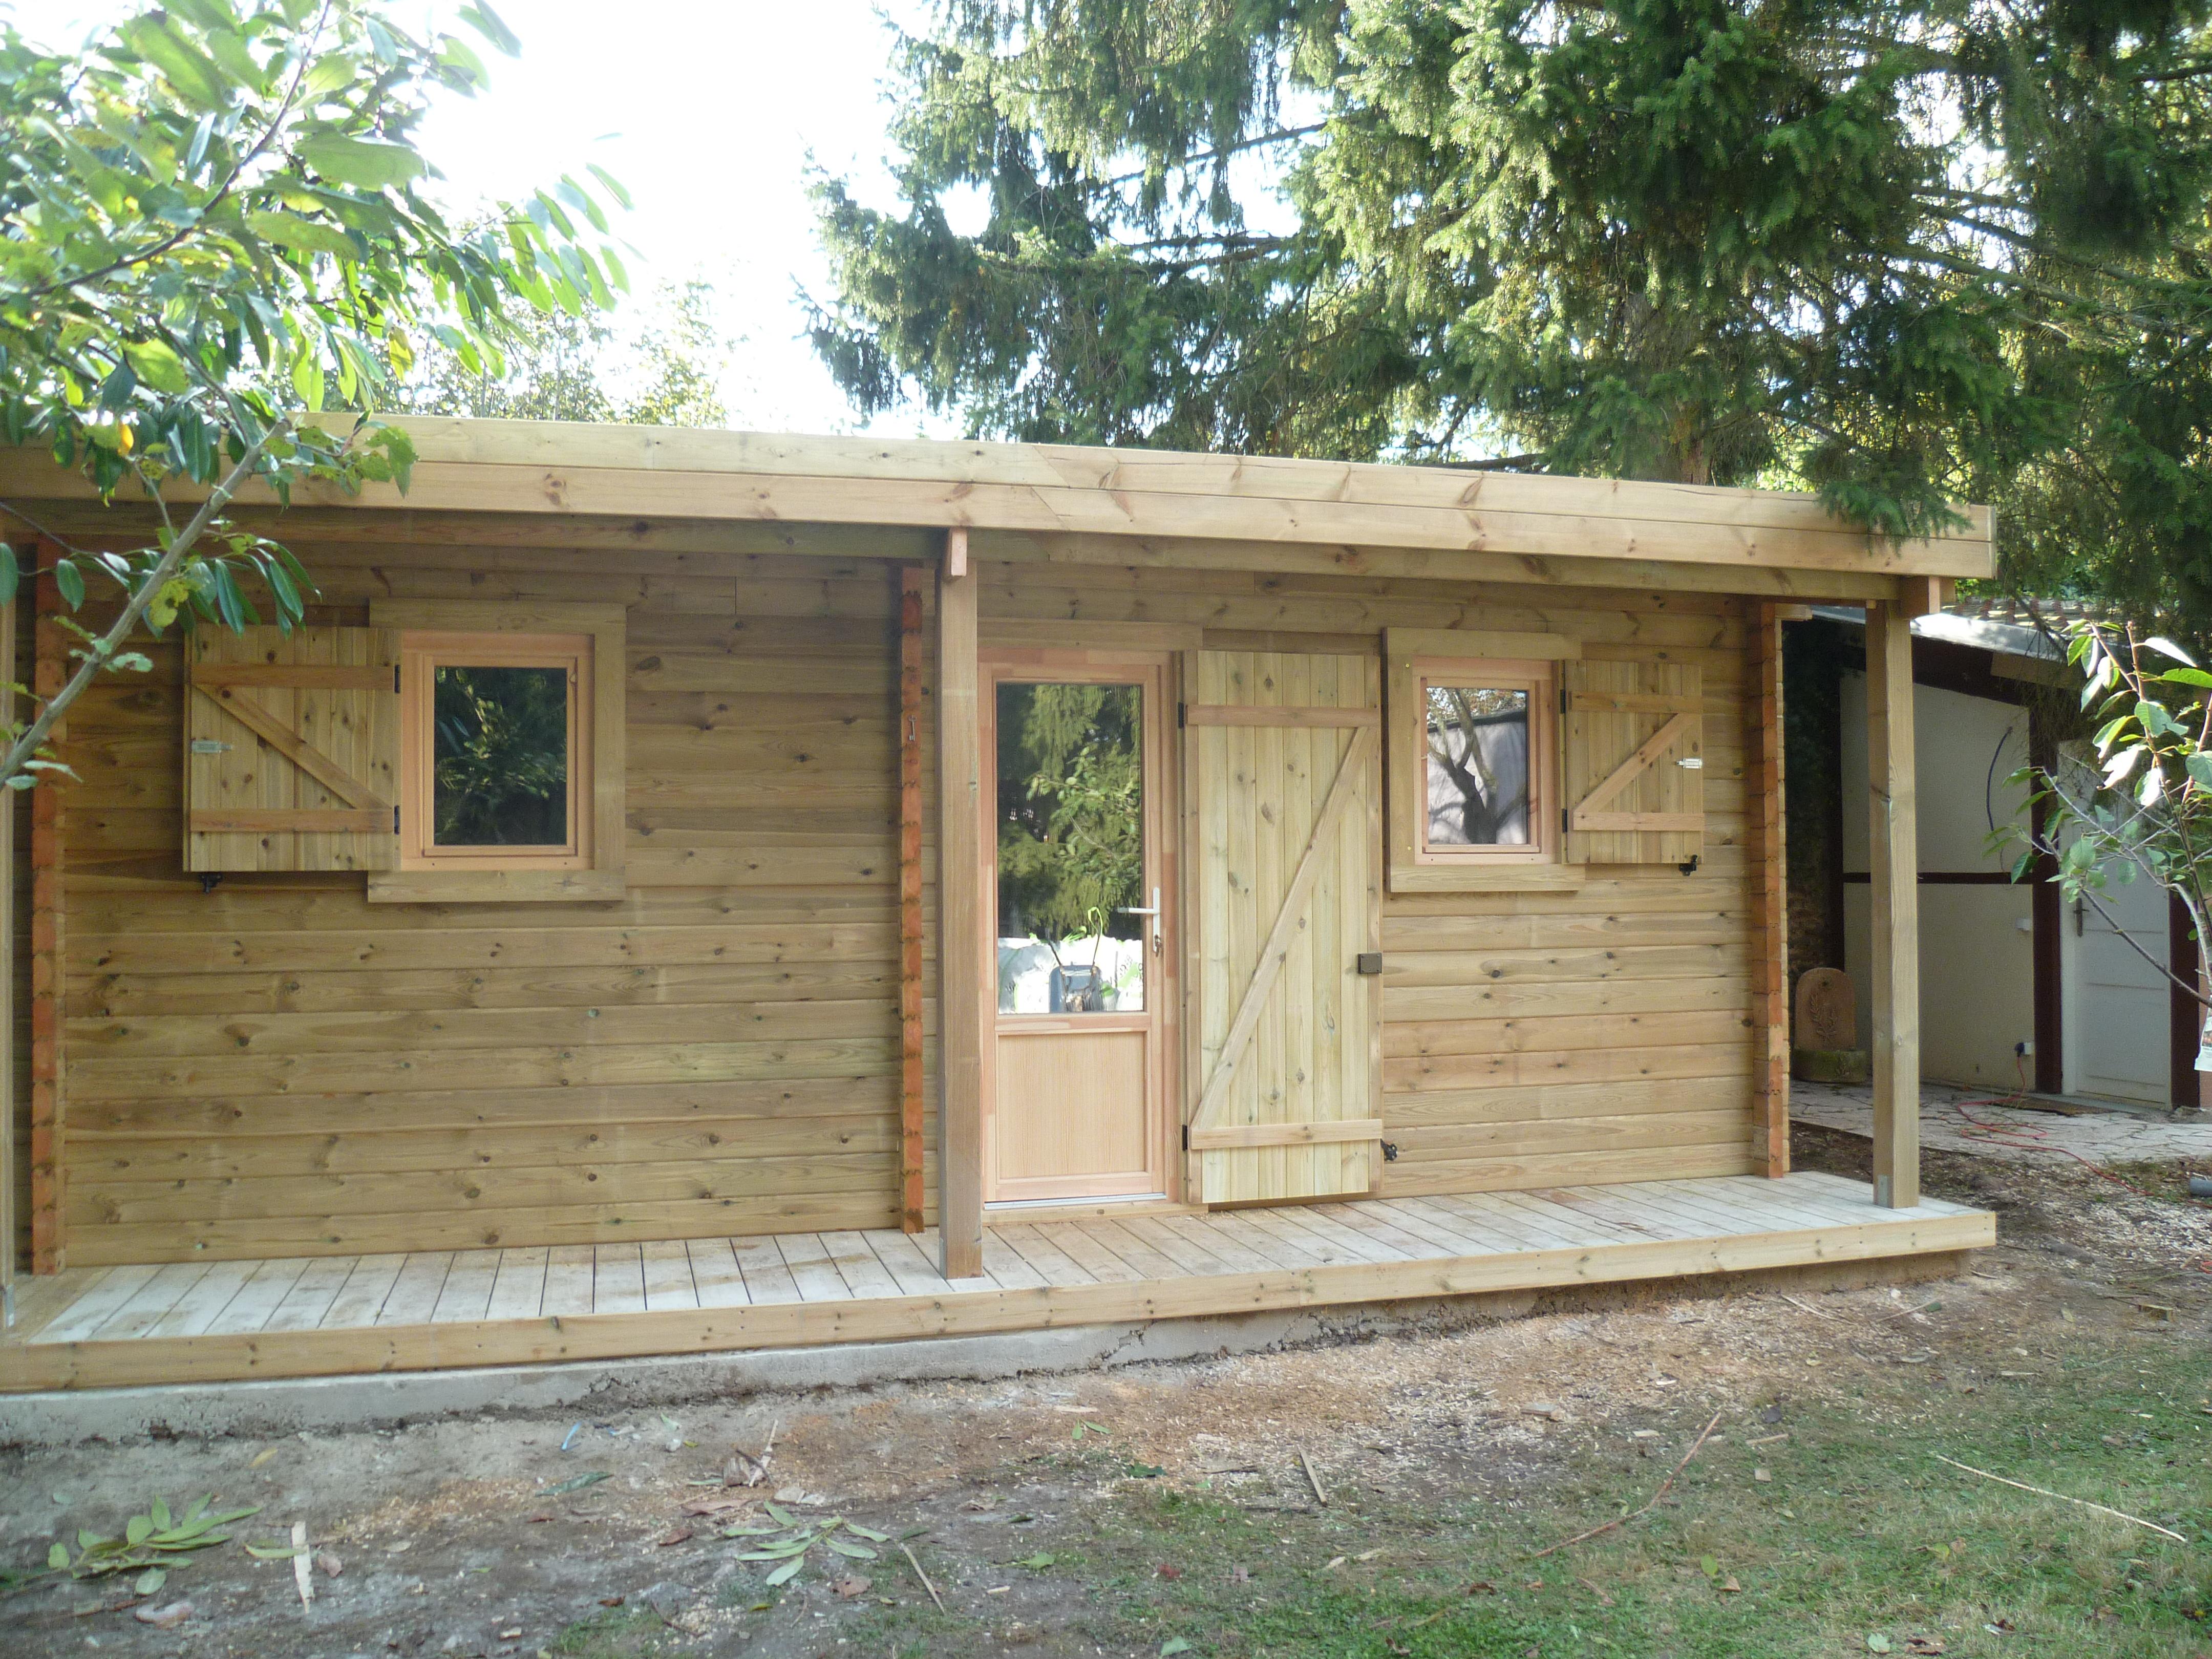 Abri Jardin Bois Haut De Gamme - Chalet Luxe  Destombes Bois pour Abris De Jardin 20M2